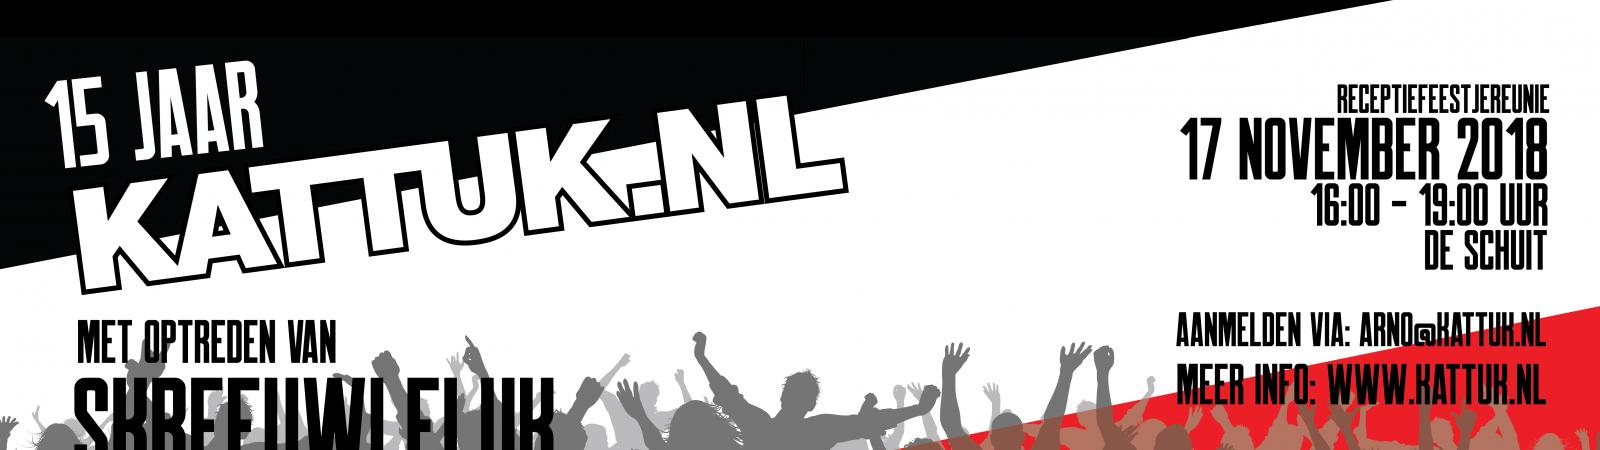 Banner Kattuk.nl-01 aangepast